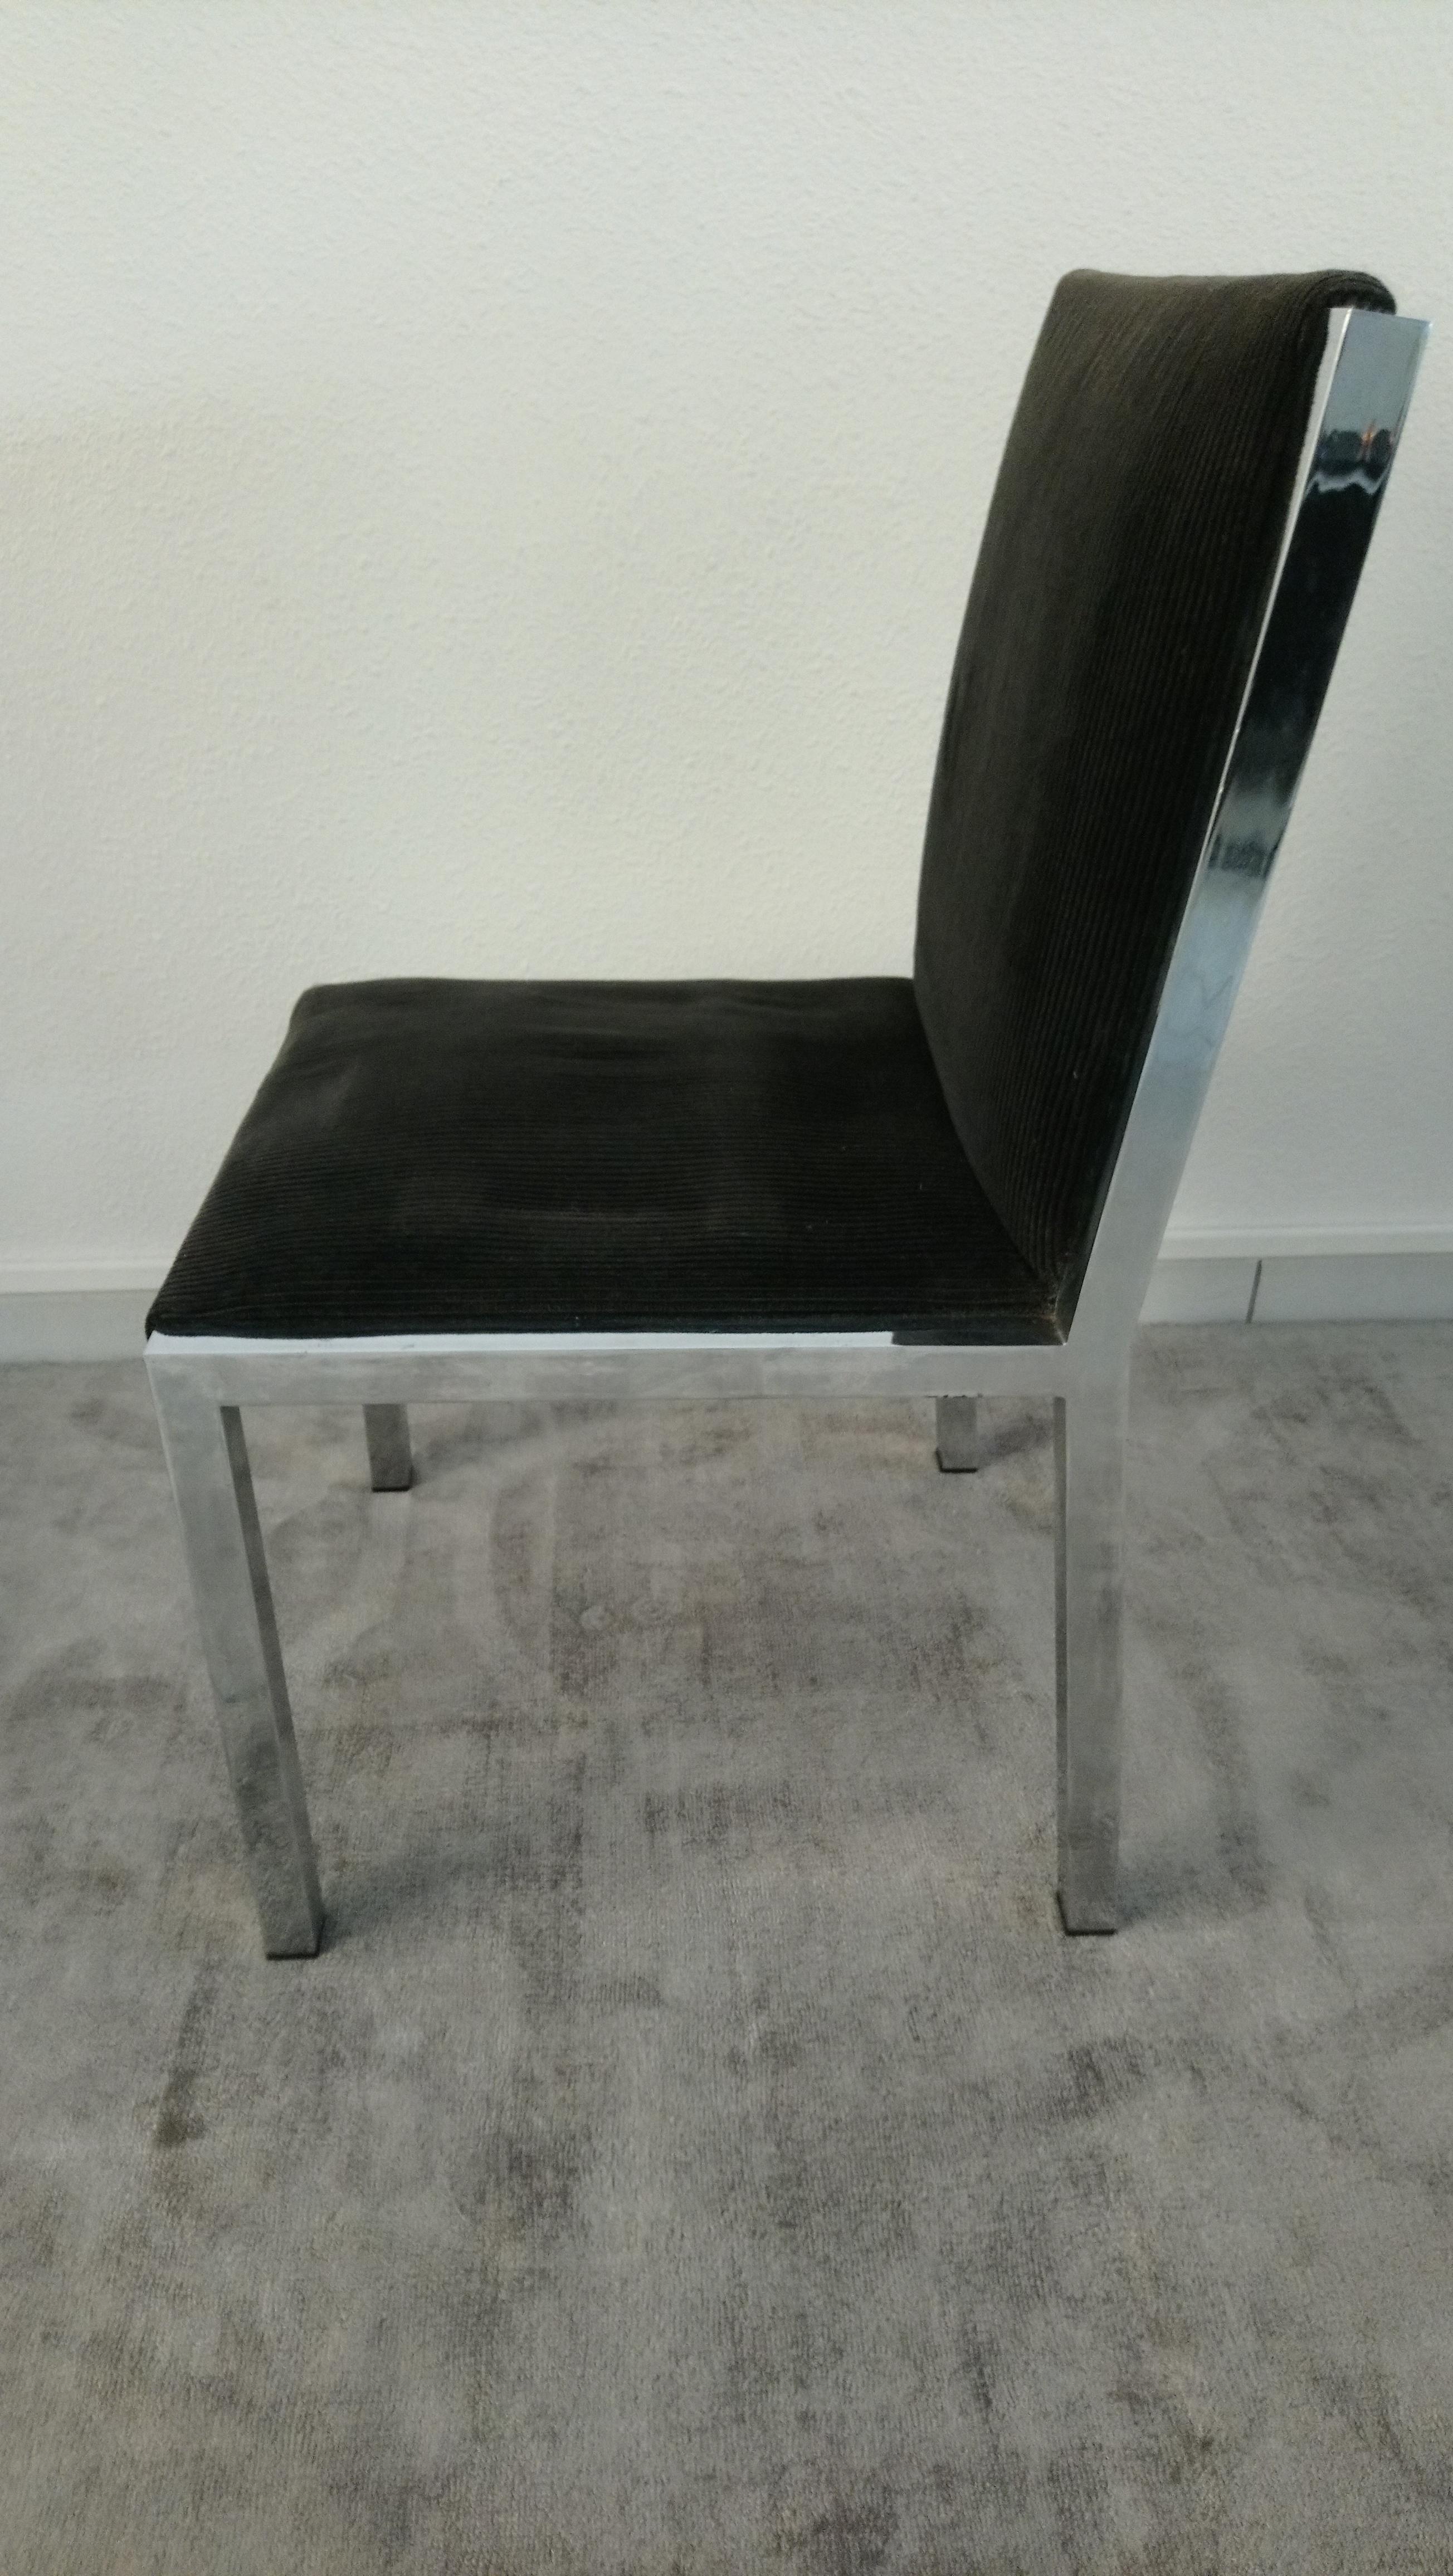 Chambre A Coucher Annees 70 suite de 6 chaises italiennes chrome et velours noir années